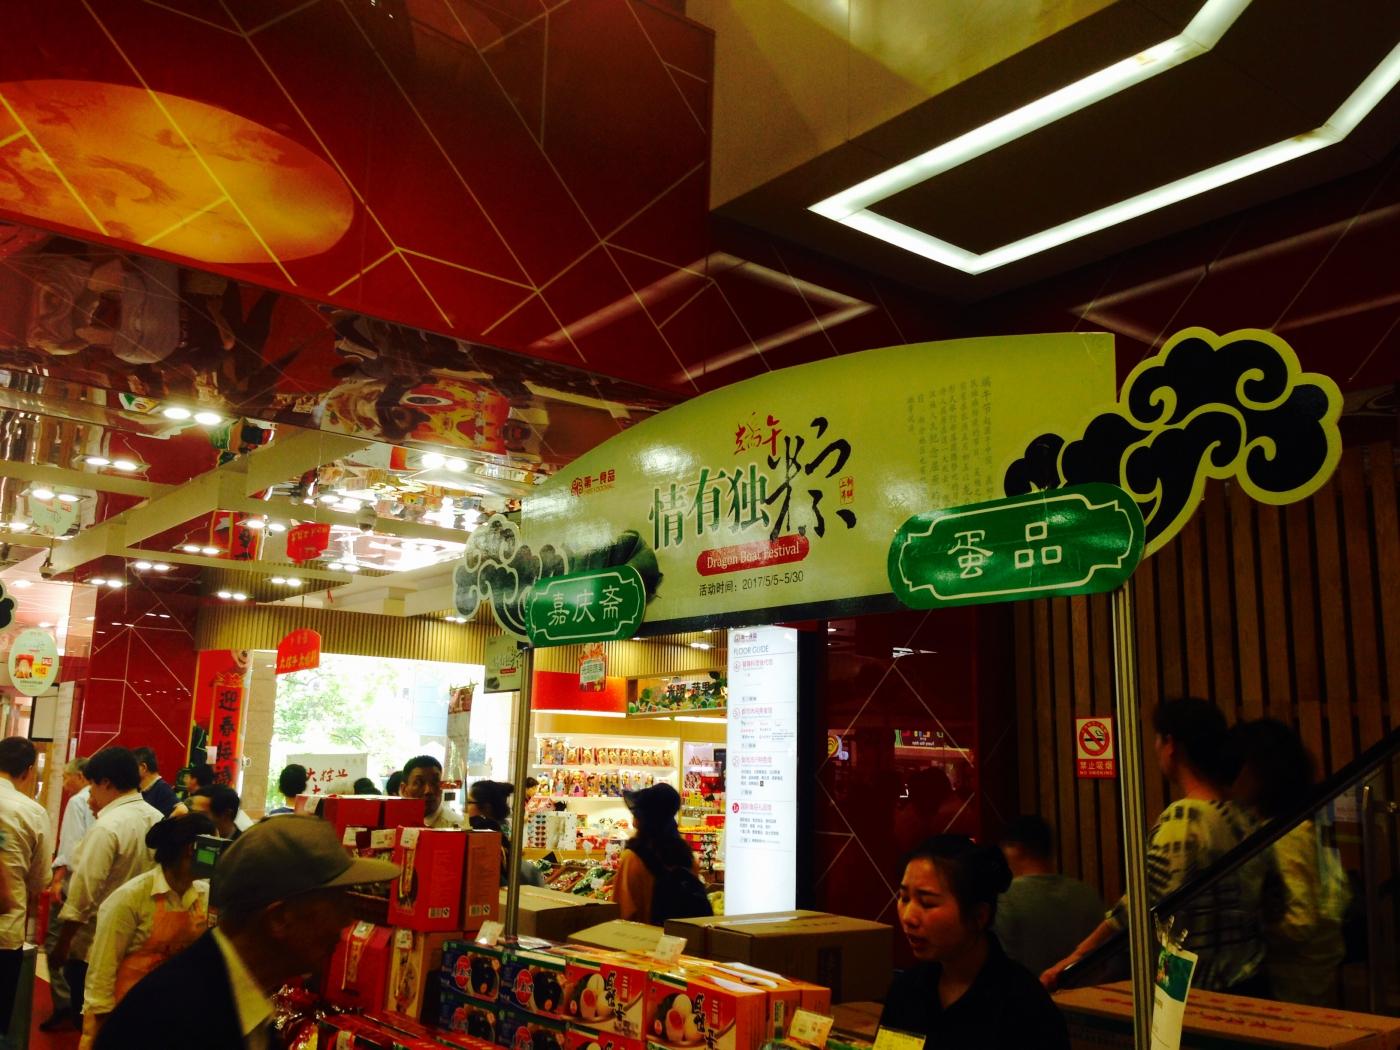 闲逛上海看街景_图1-19